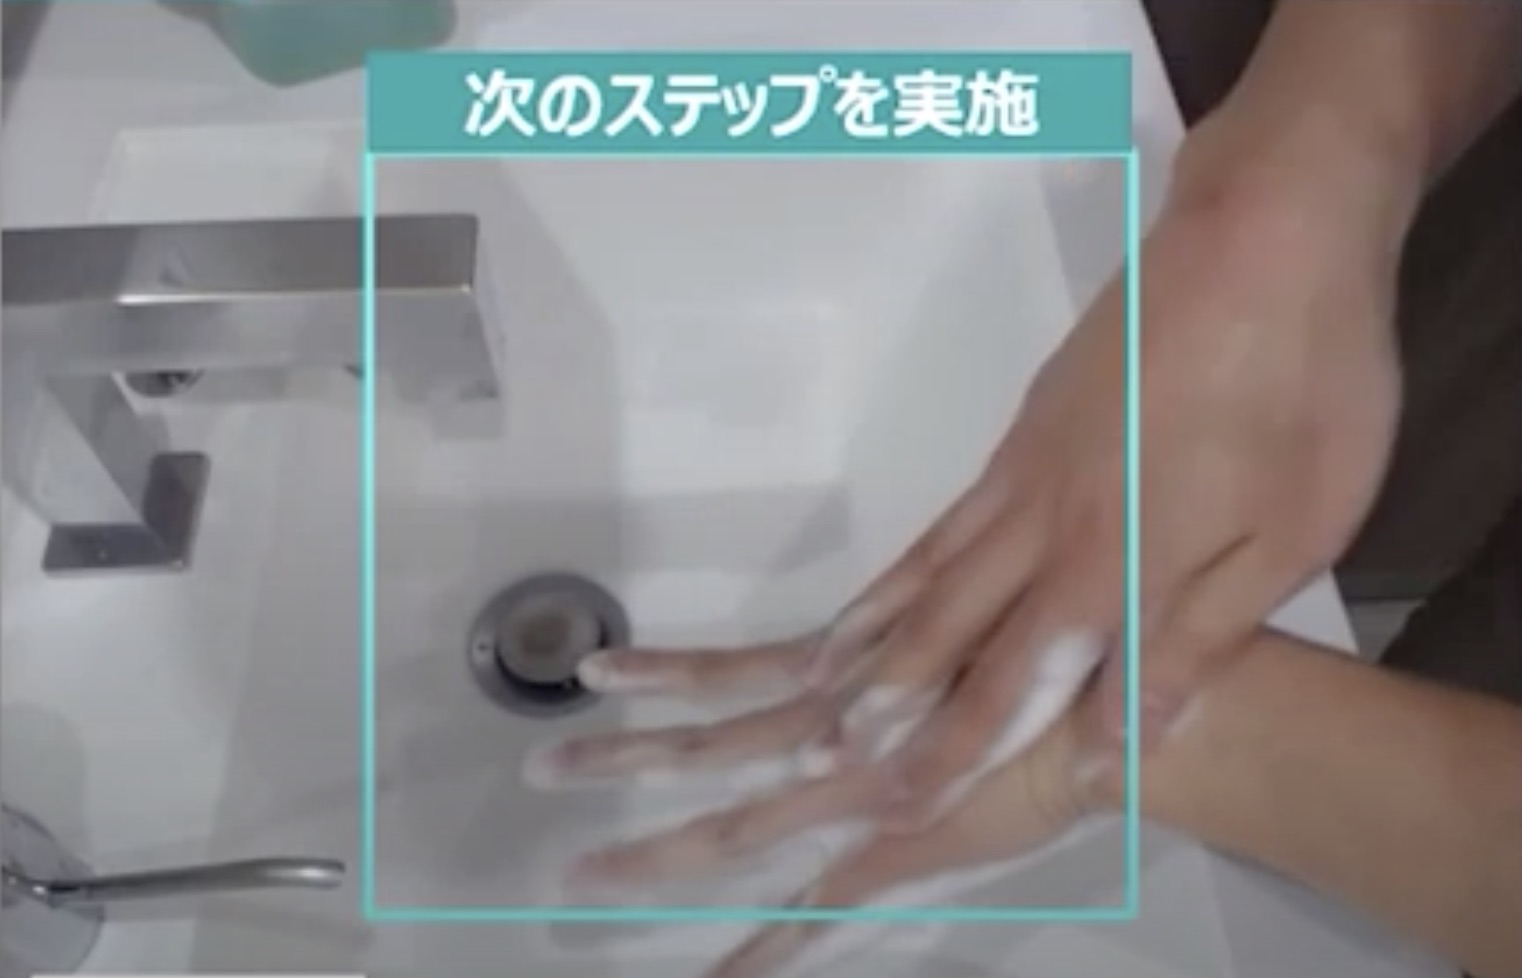 手洗い動作を認識するAI「行動分析技術 Actlyzer(アクトライザー) 手洗い動作認識」(リリース動画より抜粋)